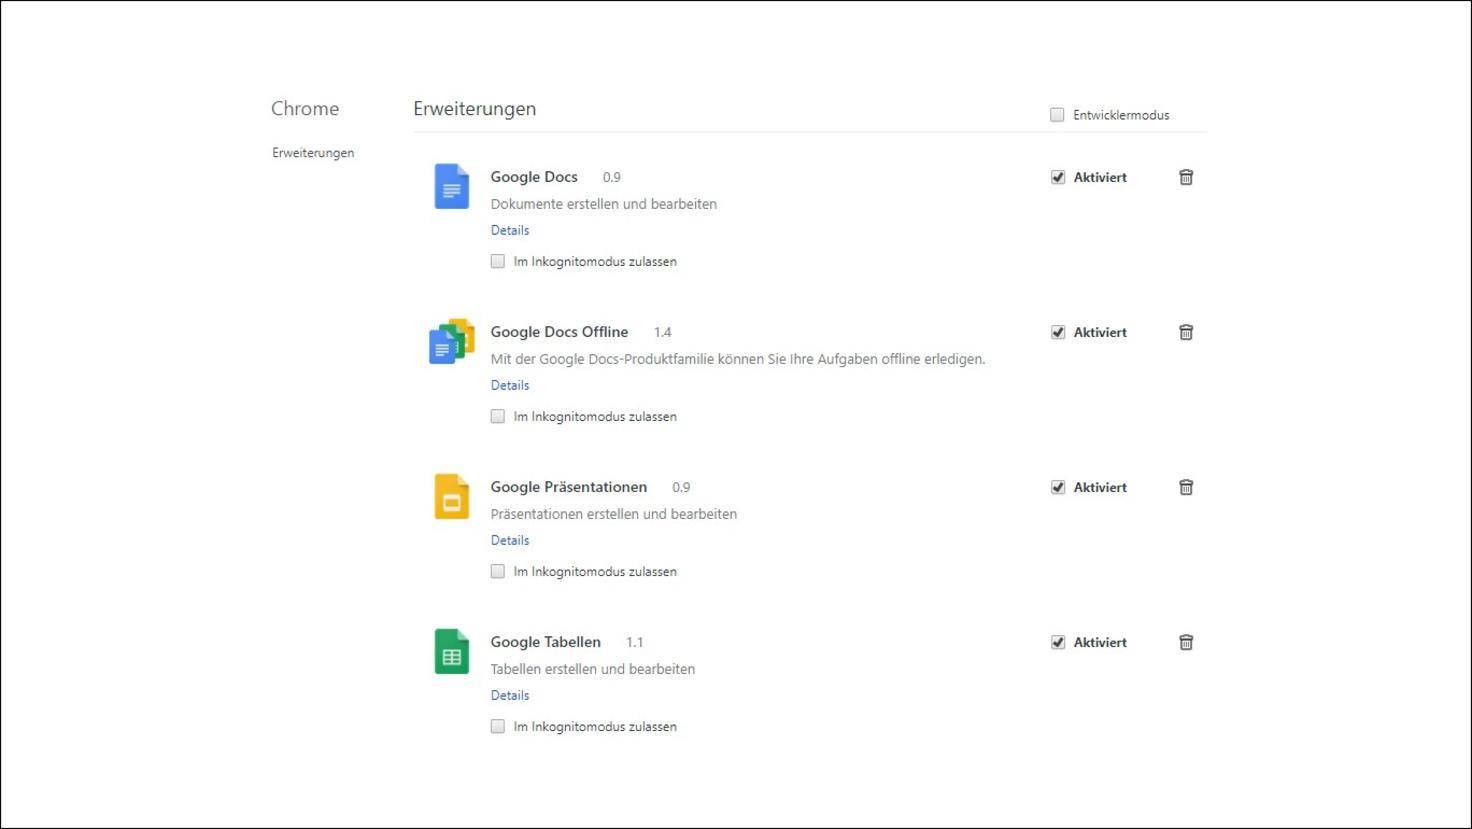 Google-Chrome-Erweiterungen